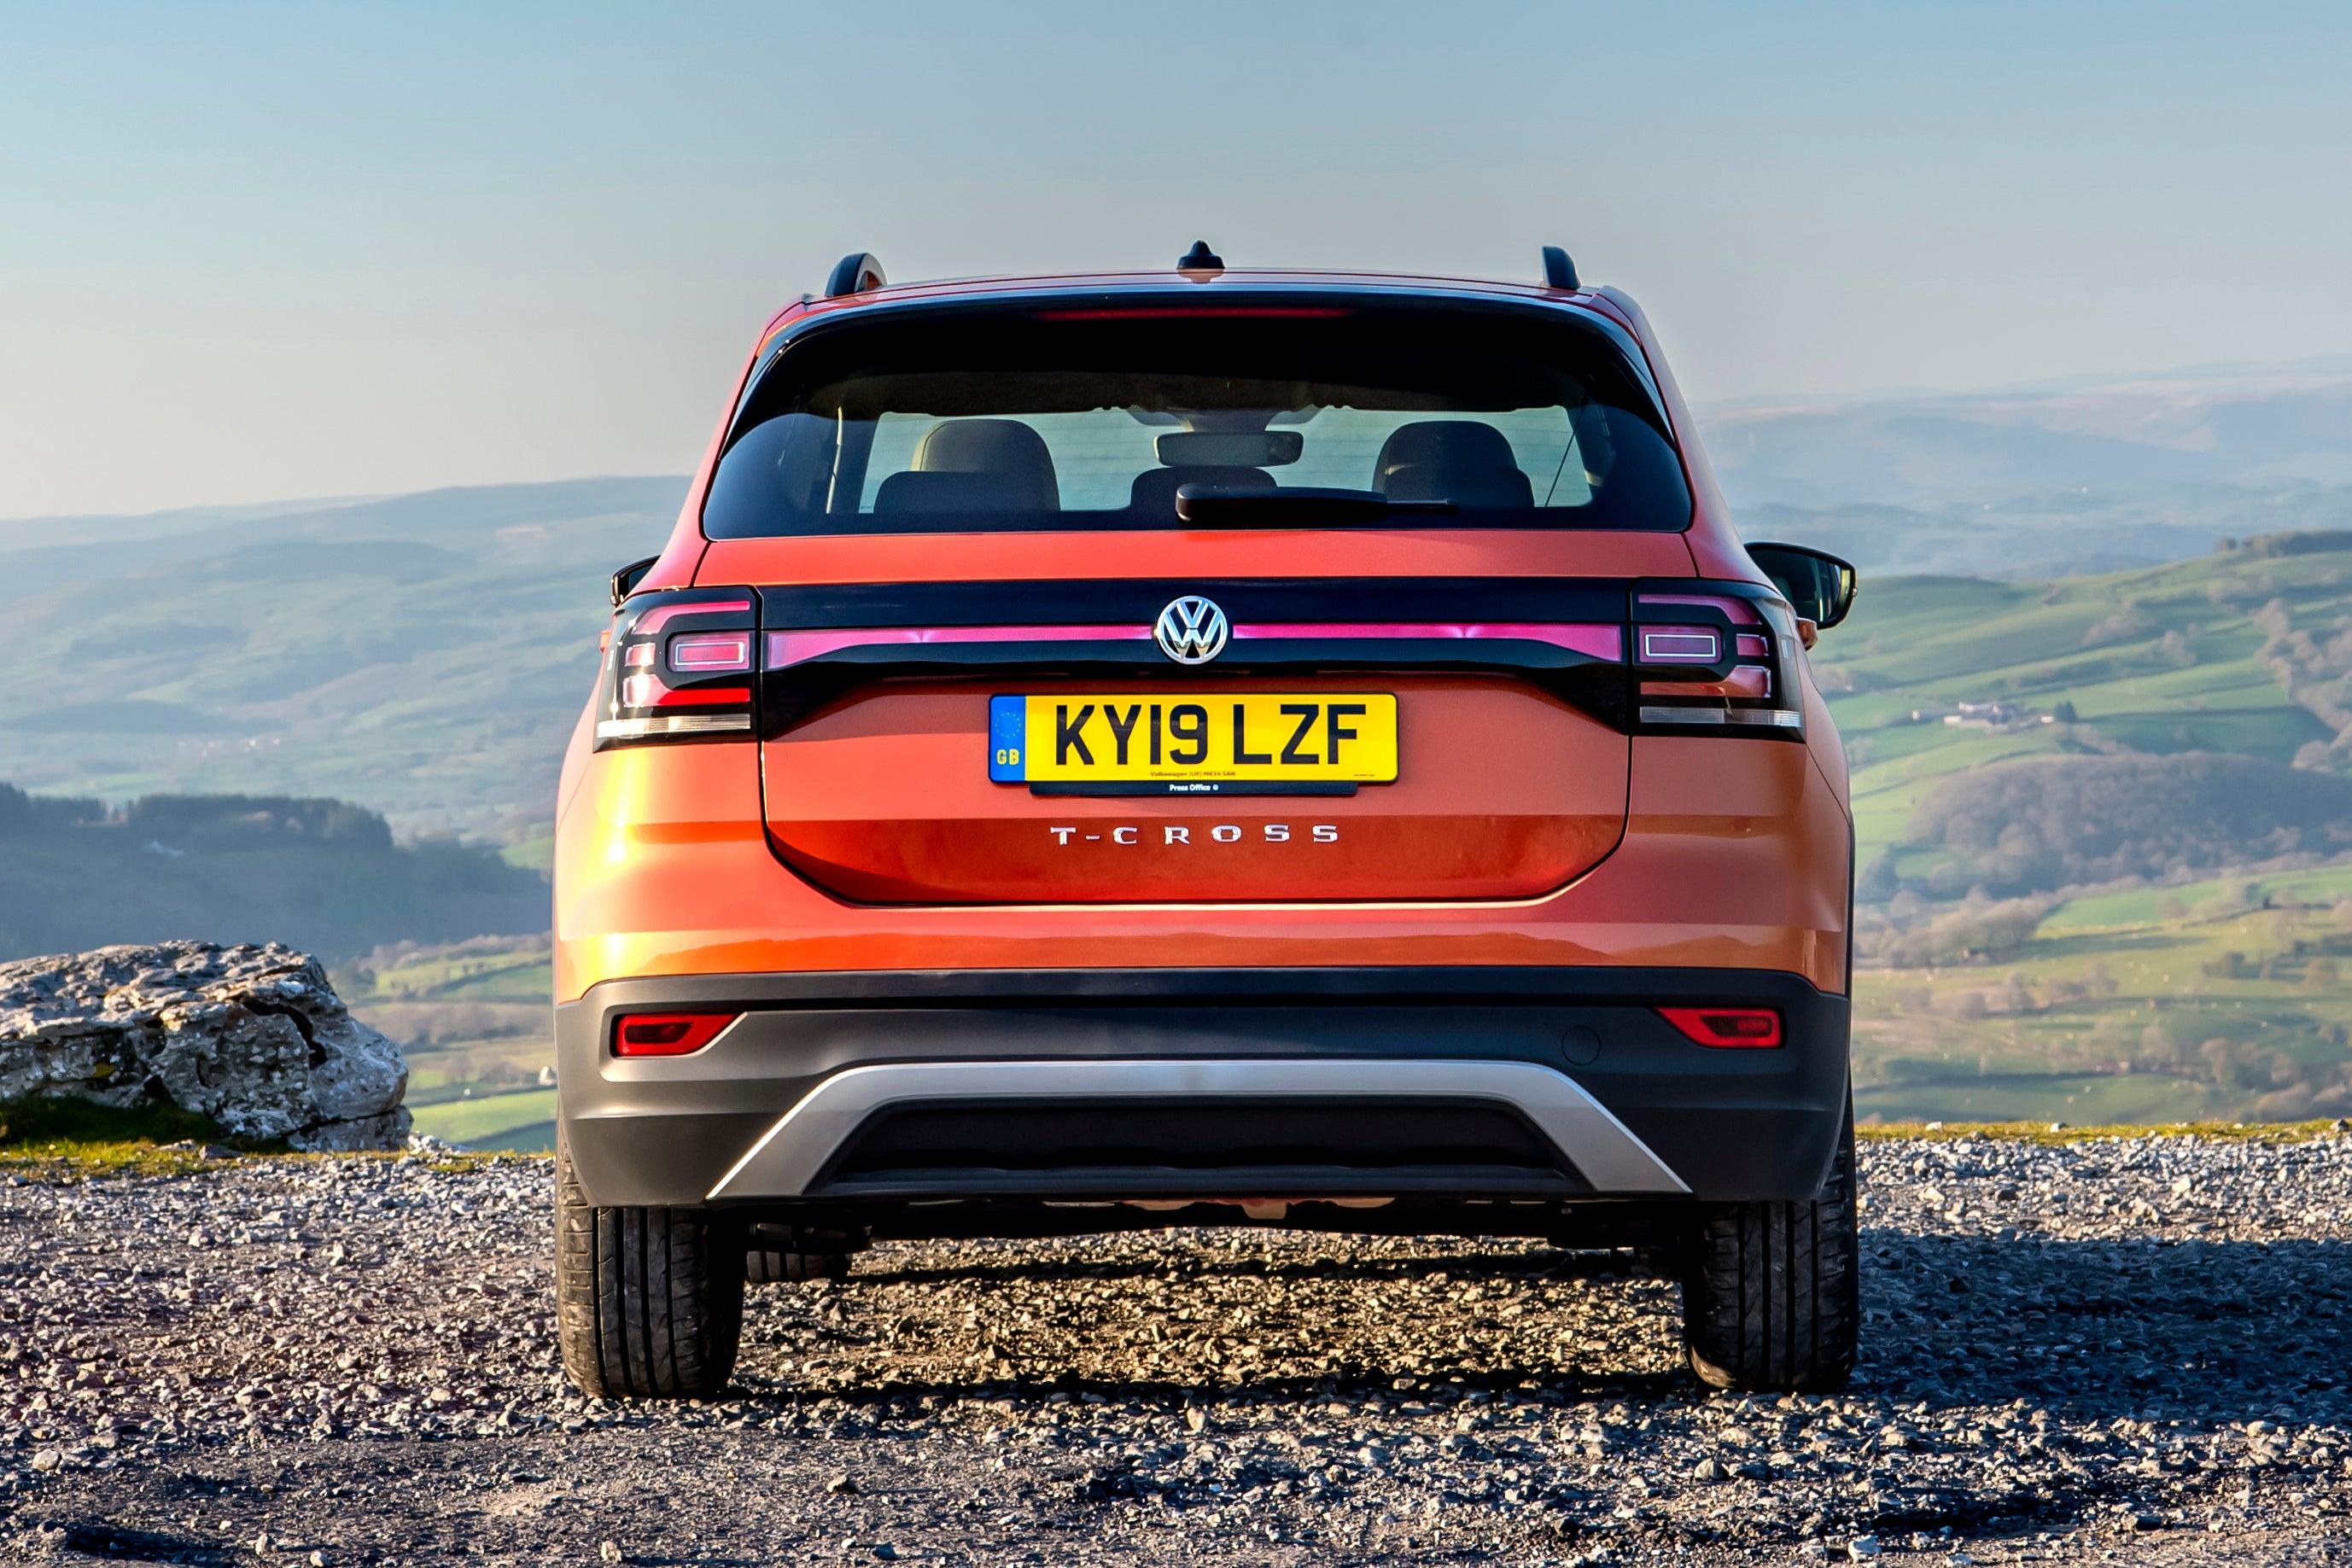 Volkswagen T-Cross Rear View